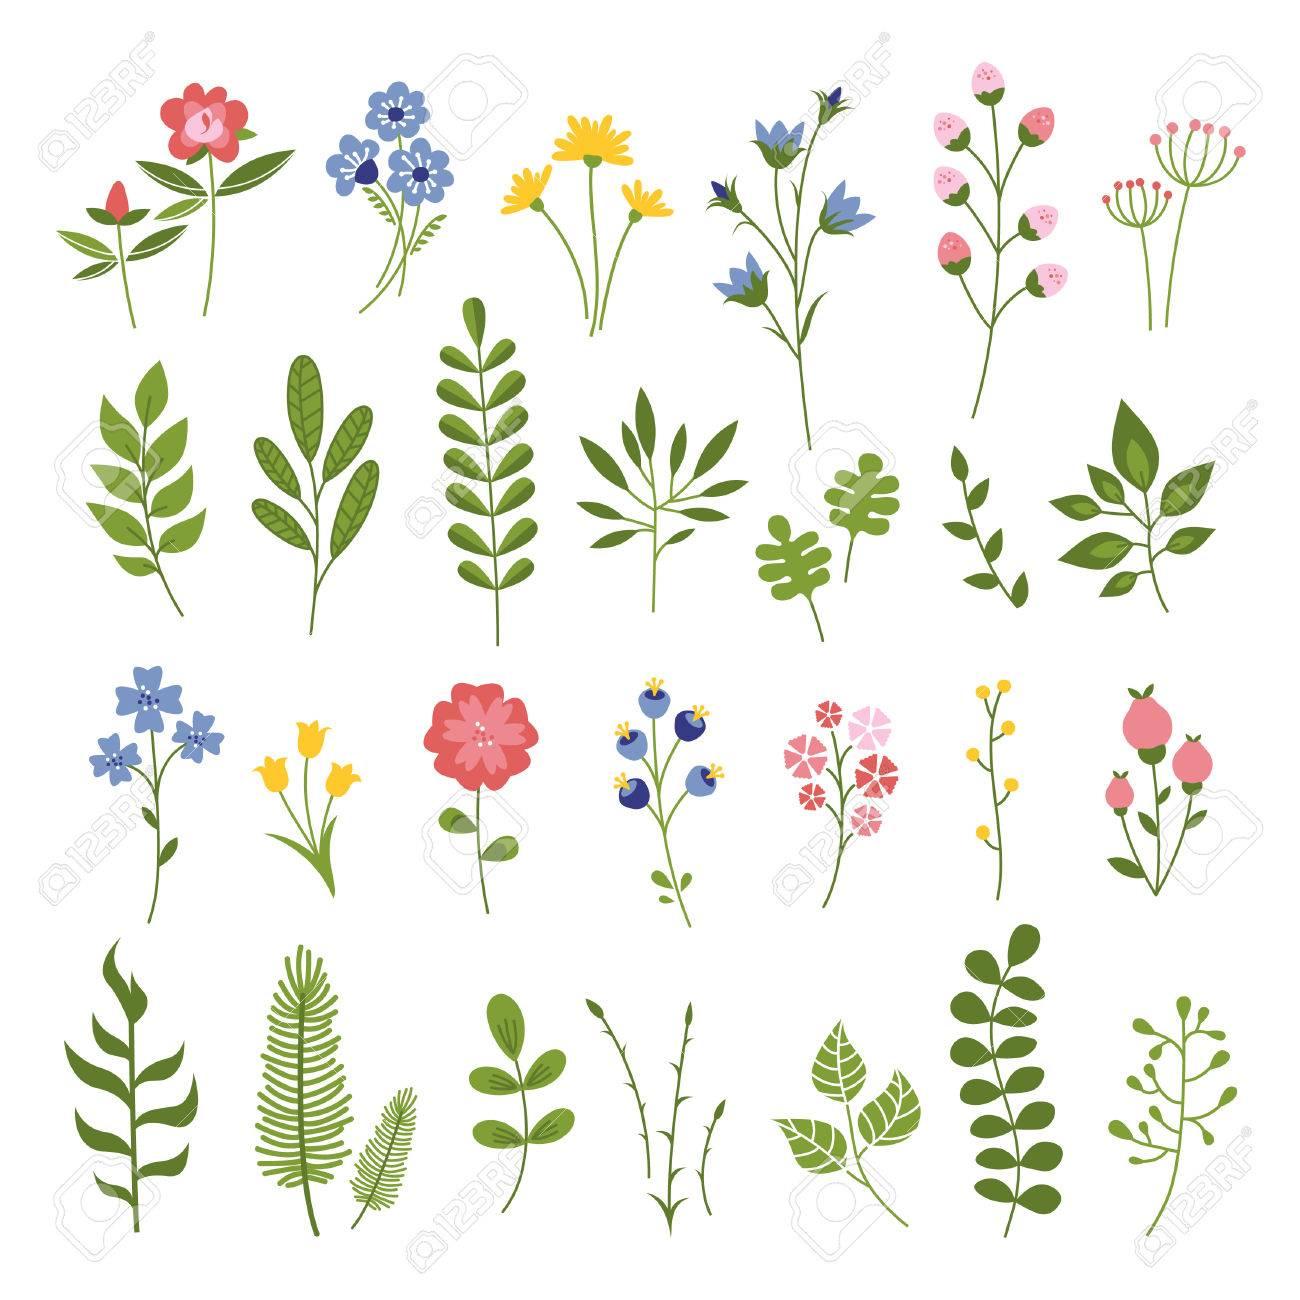 Floral Dibujado Mano Del Vector. Colección Flores Y Hojas. Flor De ...